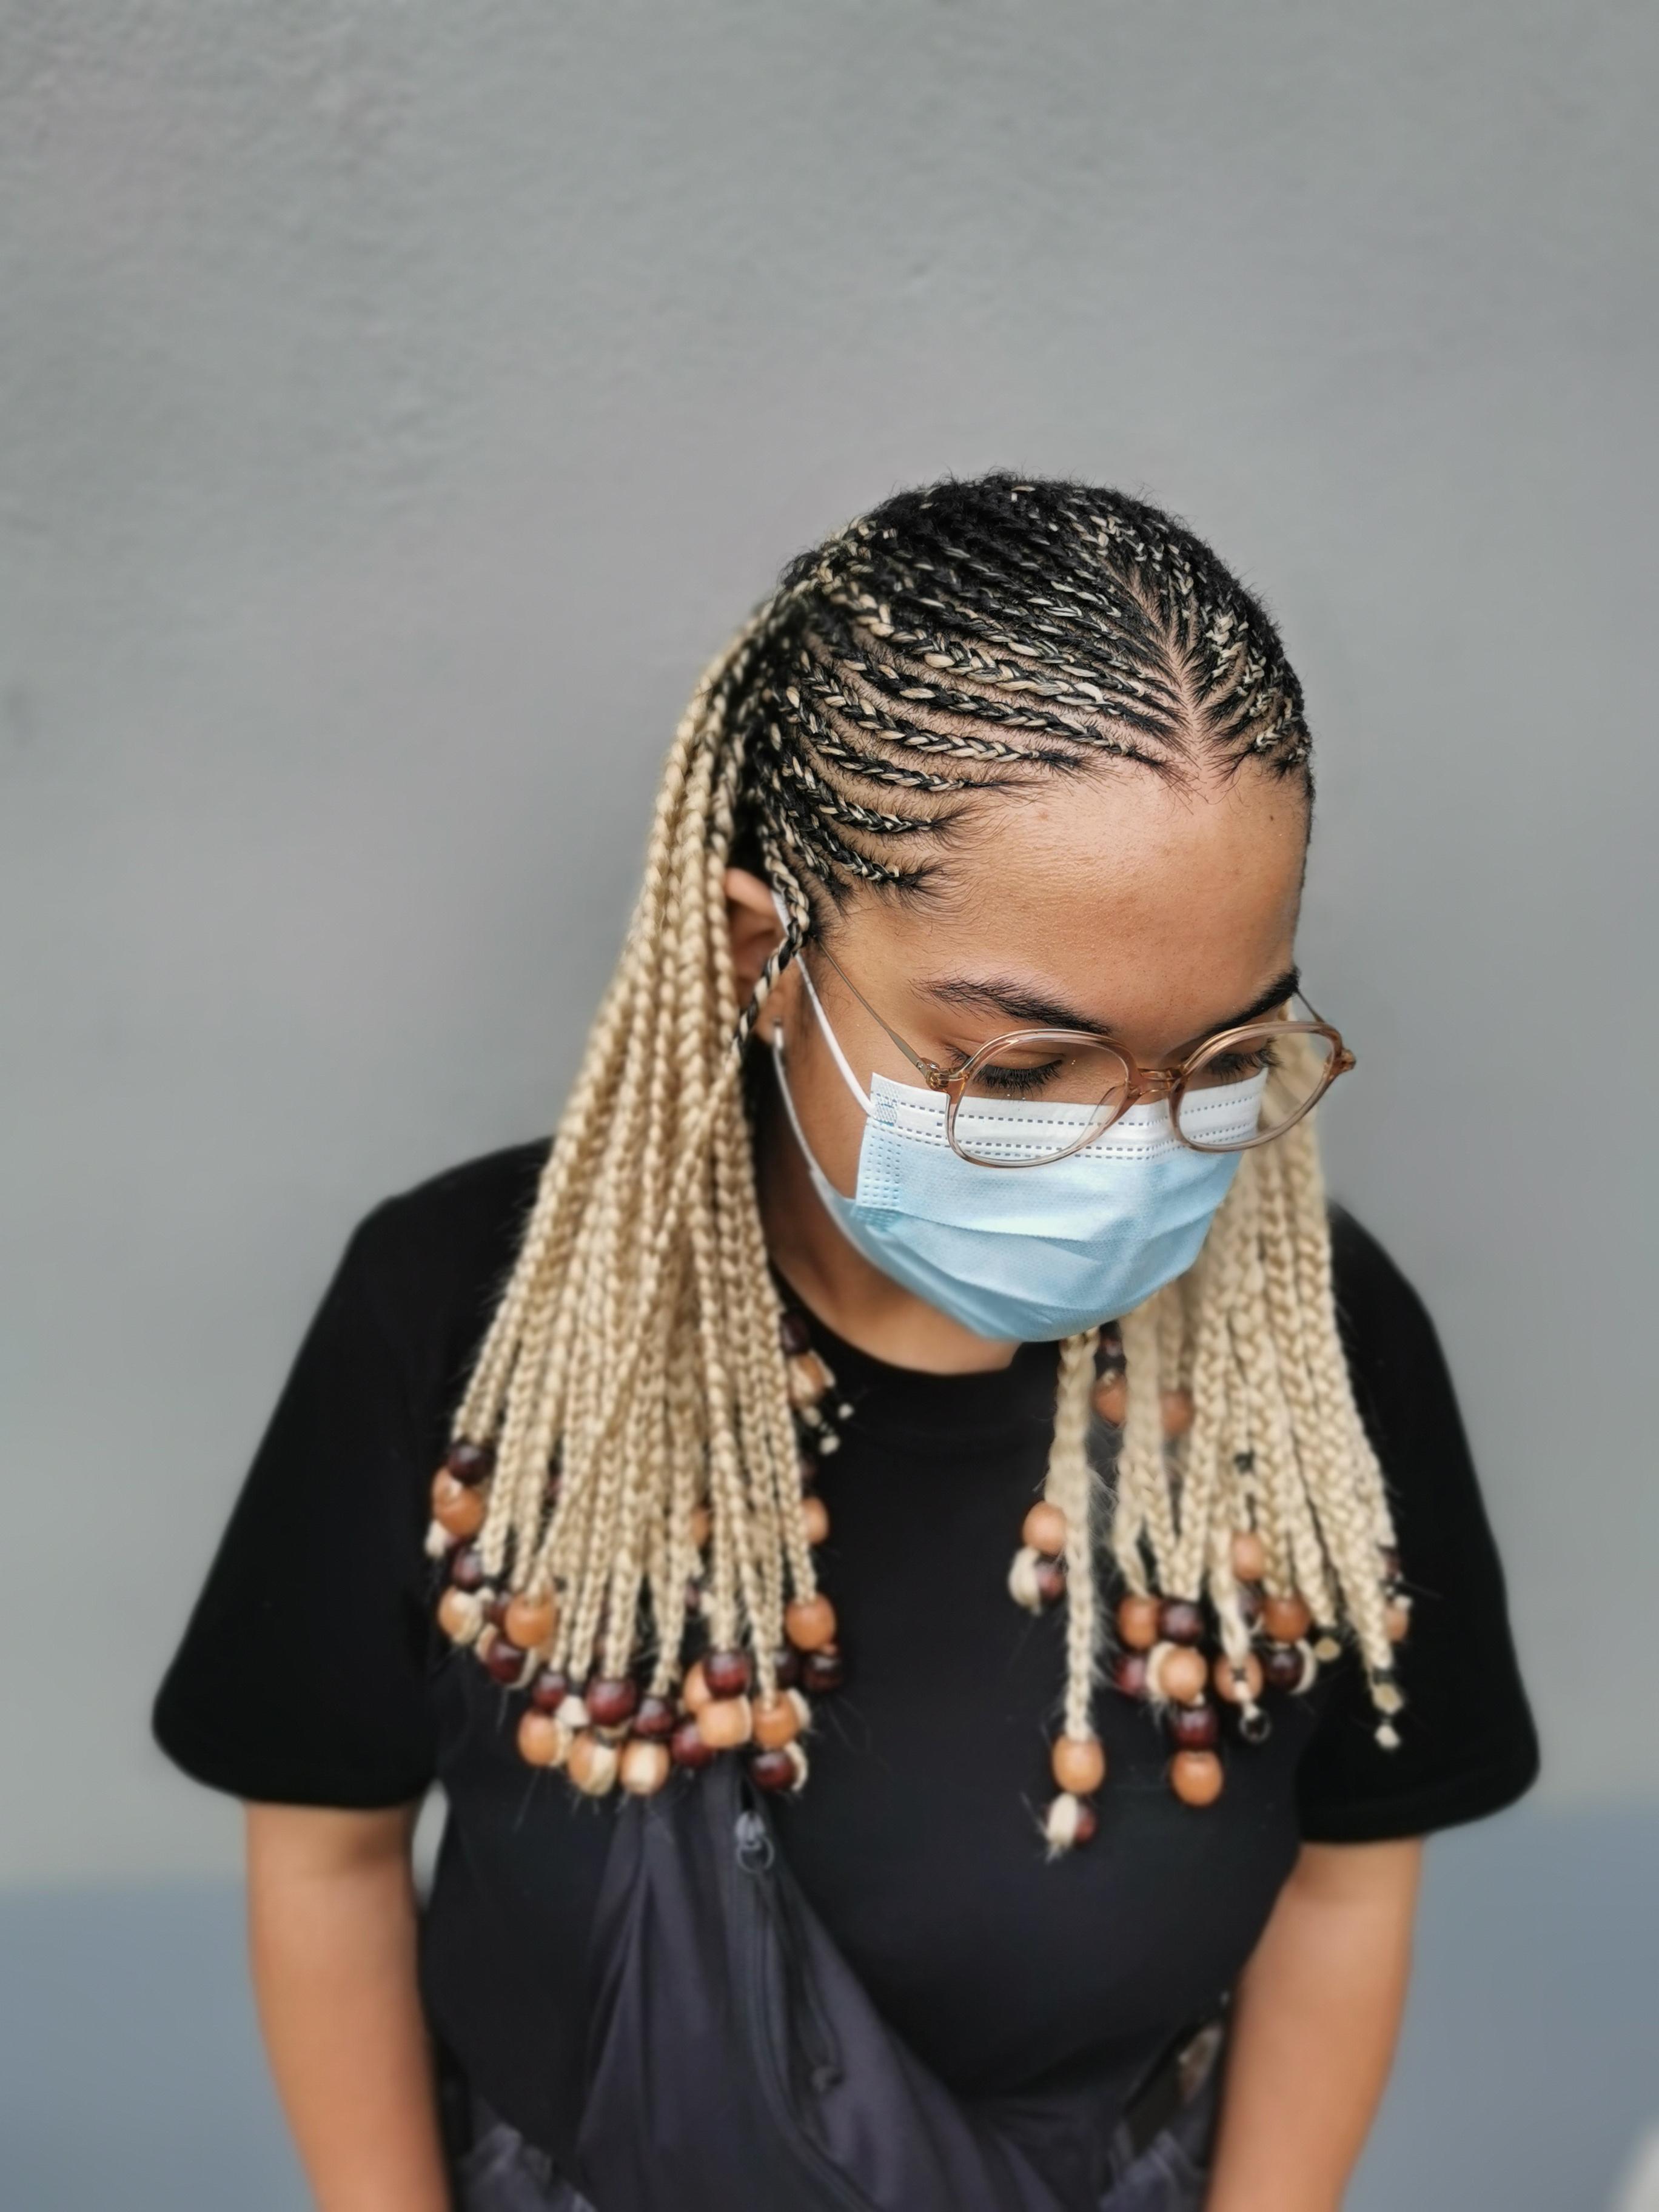 salon de coiffure afro tresse tresses box braids crochet braids vanilles tissages paris 75 77 78 91 92 93 94 95 DNPRPDRZ